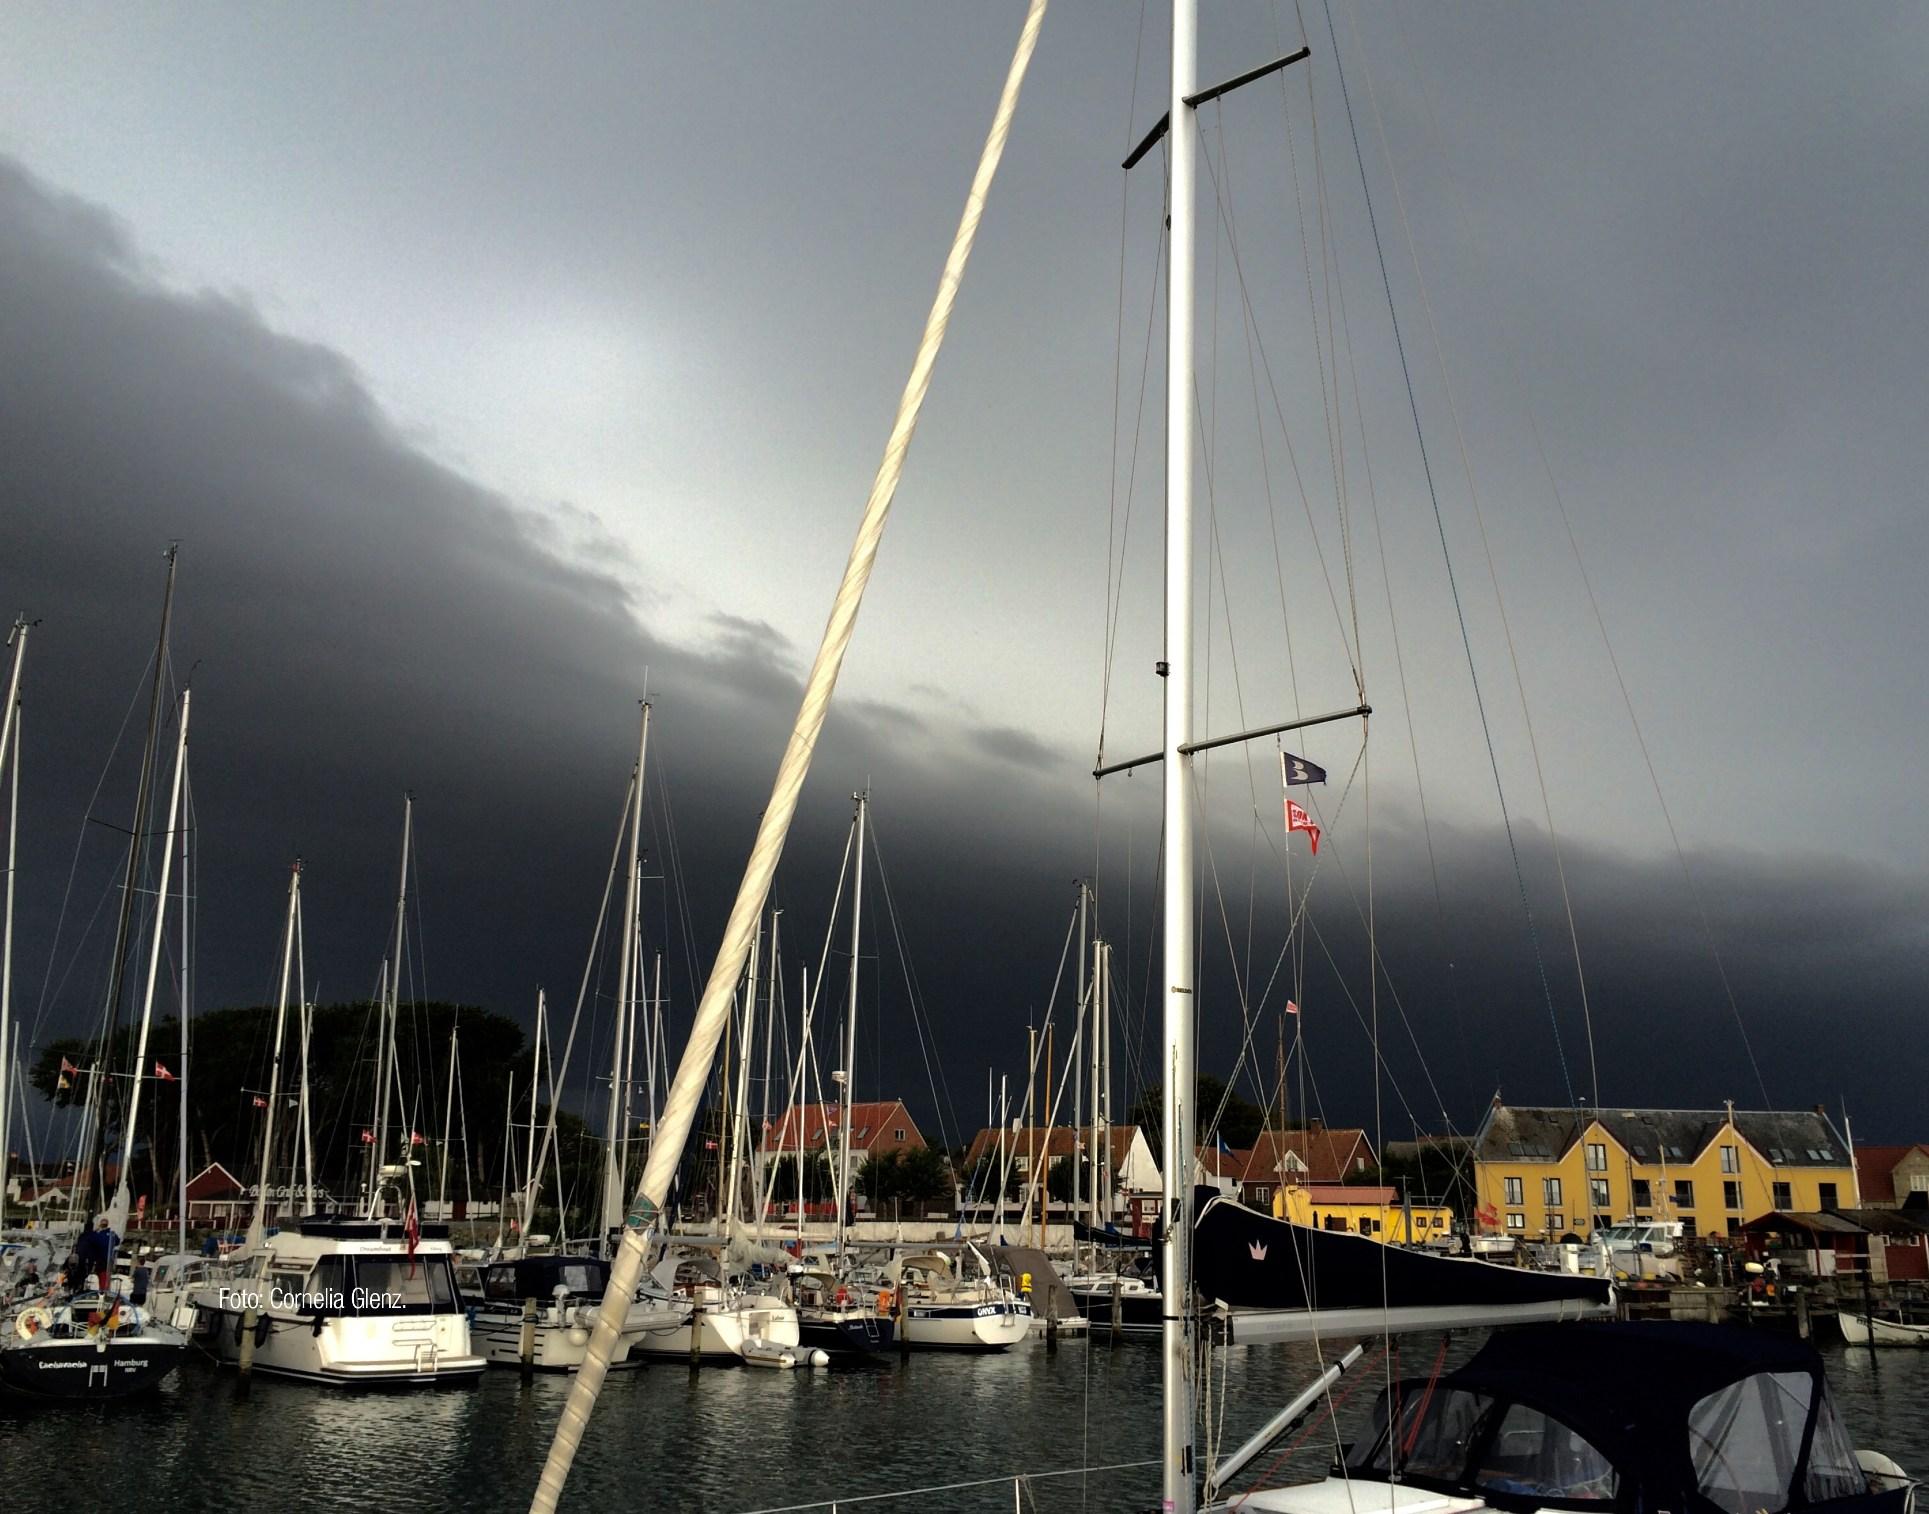 Dunkler Himmel, der bedrohlich über einem Yachthafen liegt